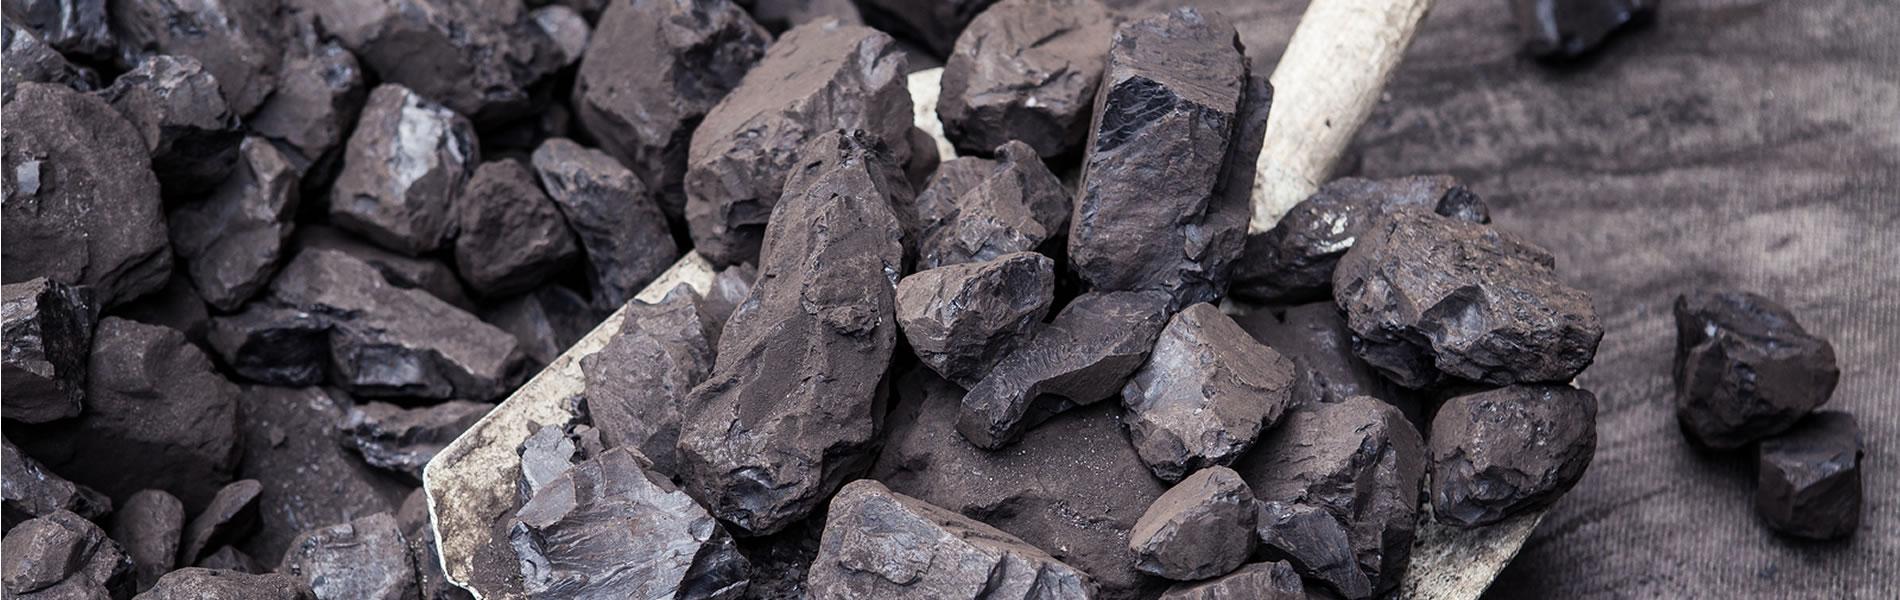 Aca doo Kragujevac Stovarište uglja